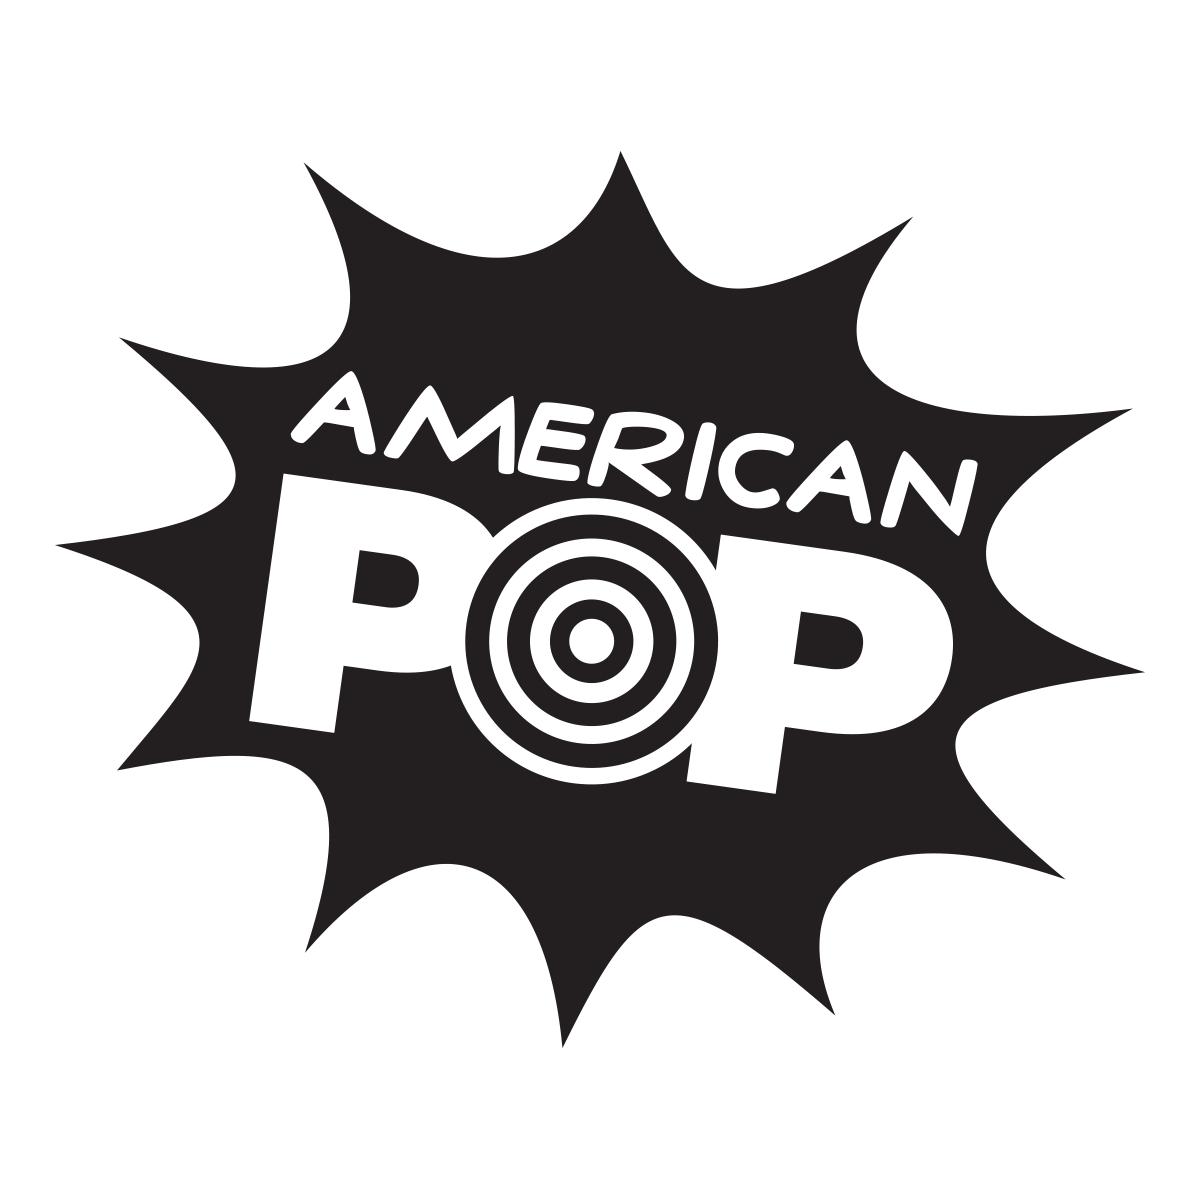 American Pop, Art Exhibit